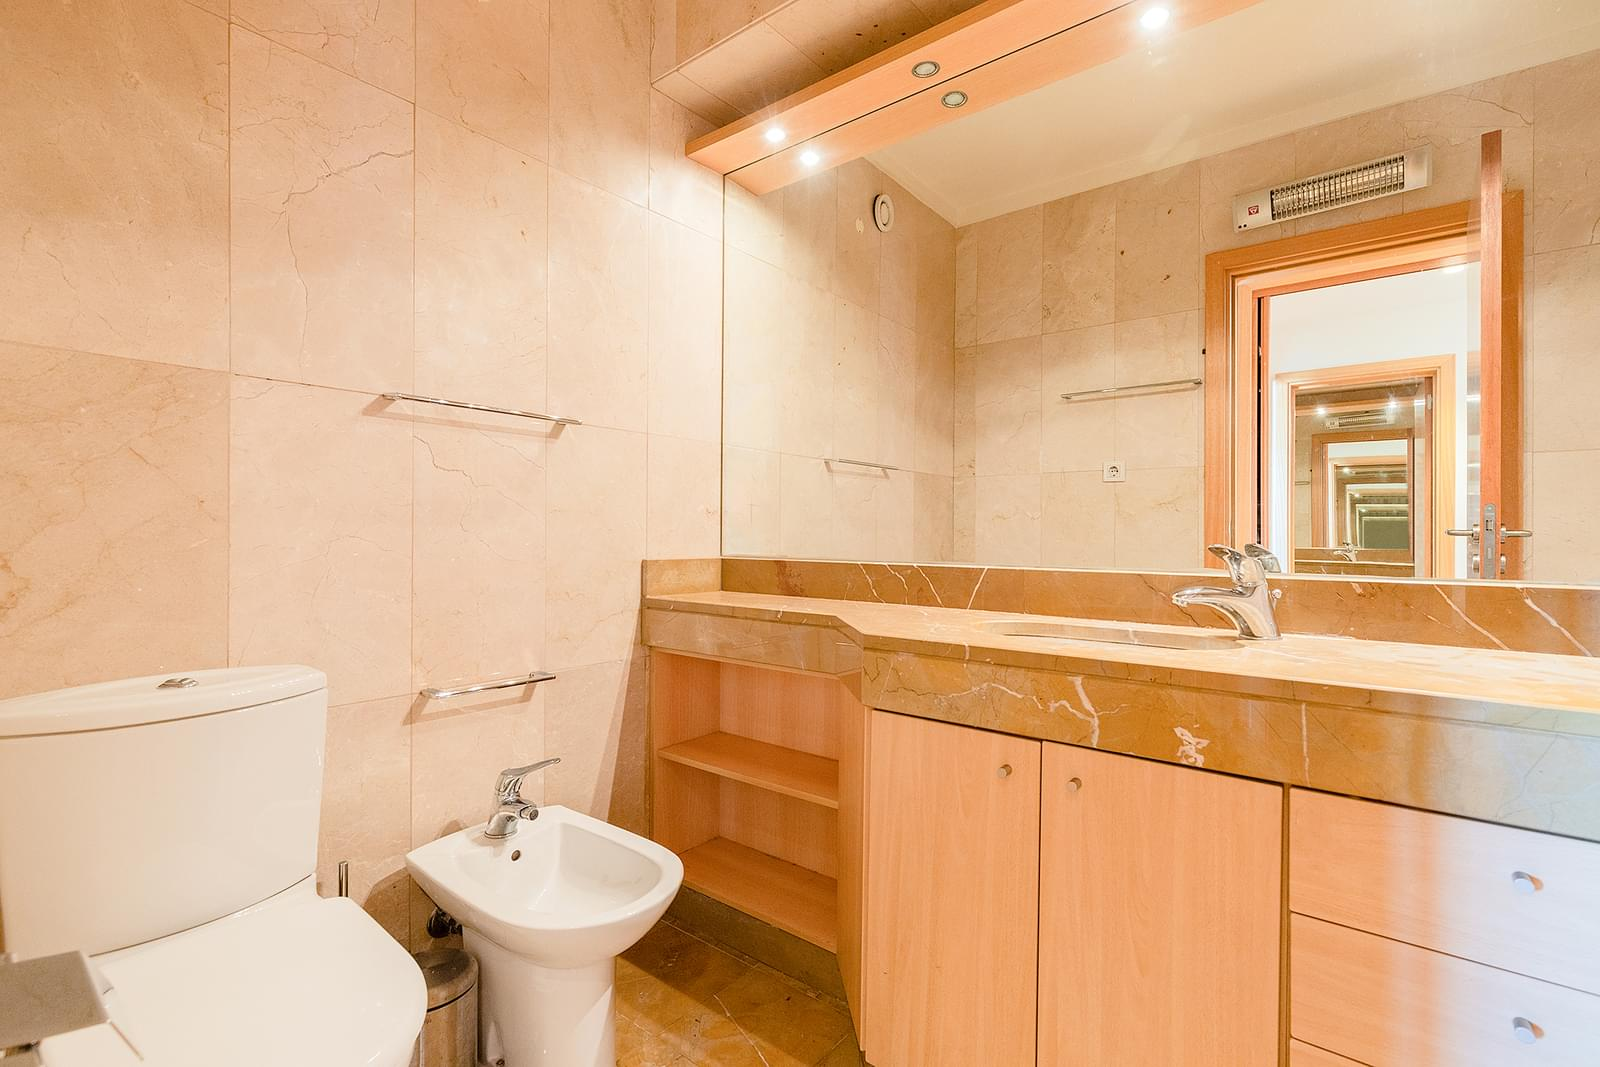 pf18953-apartamento-t3-lisboa-8d3517b4-06ec-41e2-ad19-88d4b7f47aca